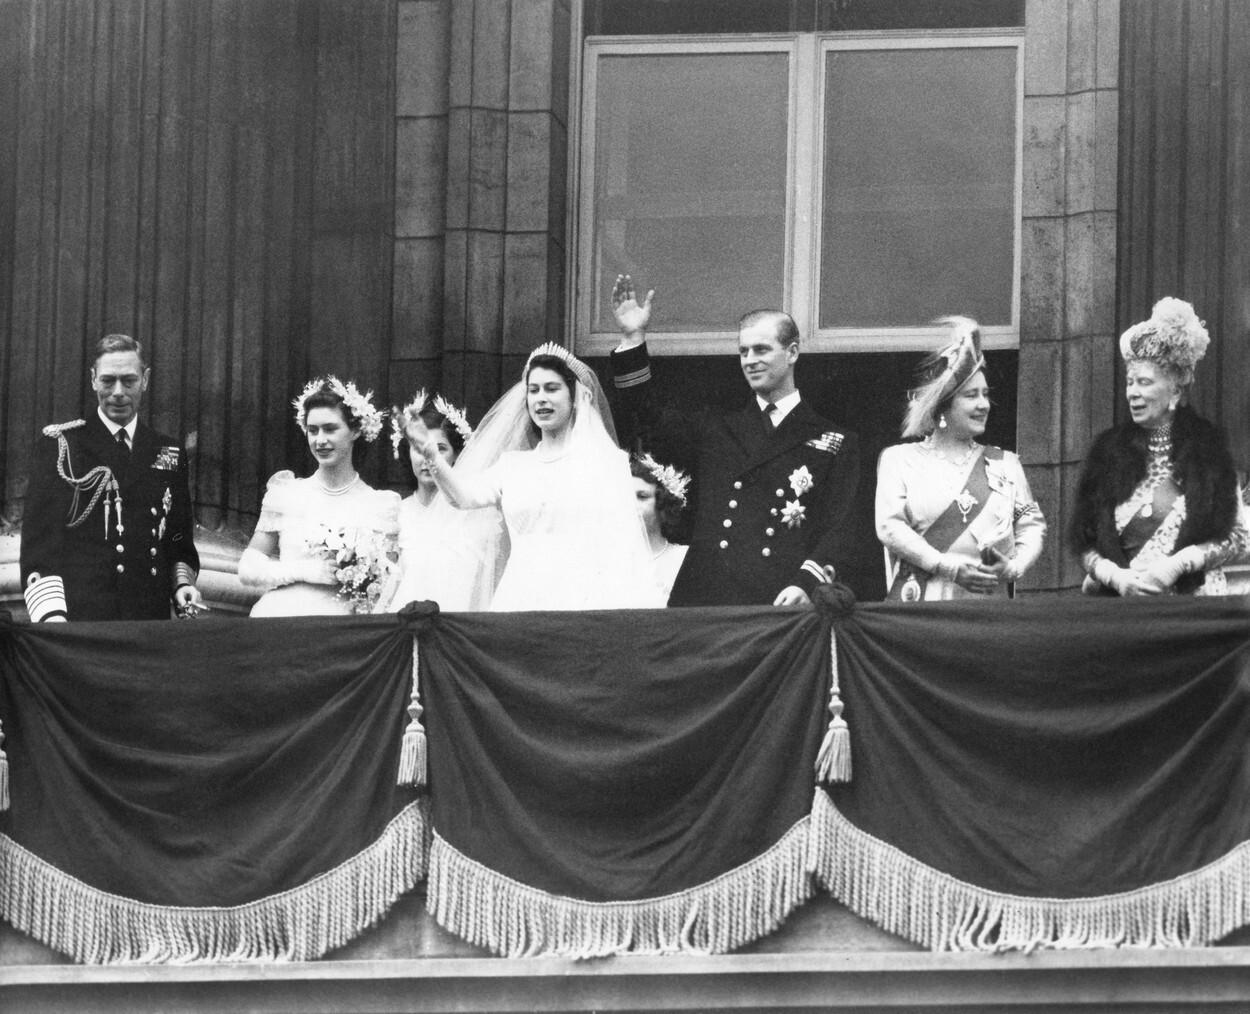 Regina Elisabeta şi prinţul Philip sărbătoresc 73 de ani de căsnicie. Imagini de la nuntă. GALERIE FOTO